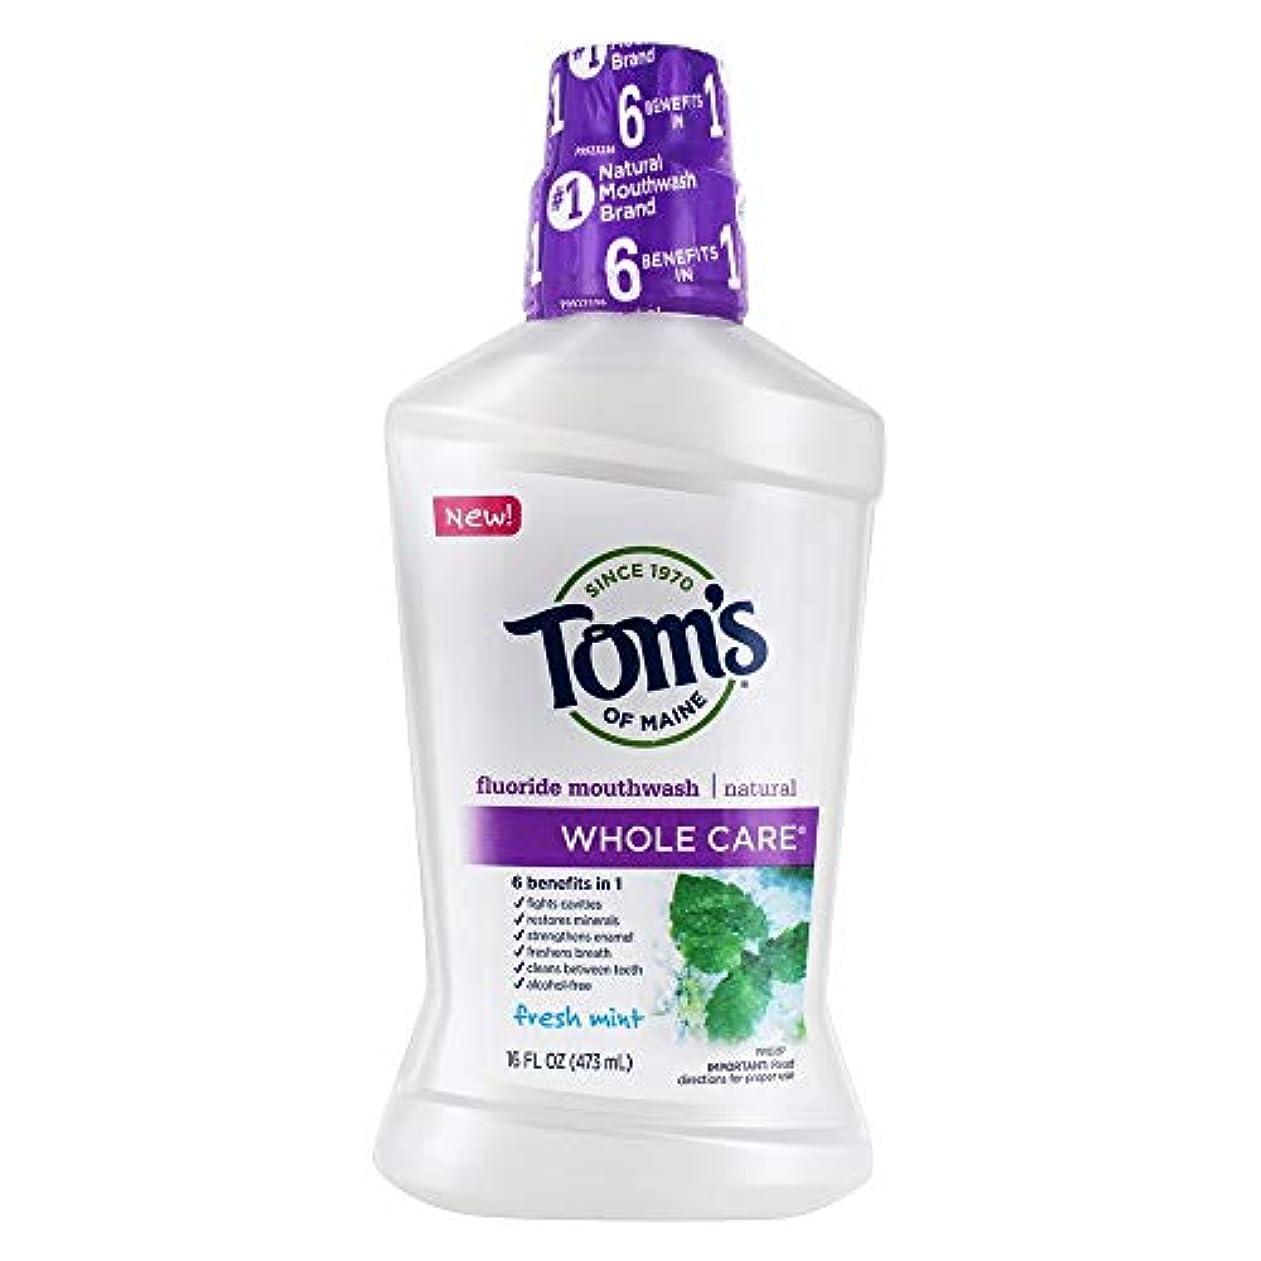 十分誓うブロッサムTom's 全体のケアフッ化物洗口液、フレッシュミント、16液量オンス